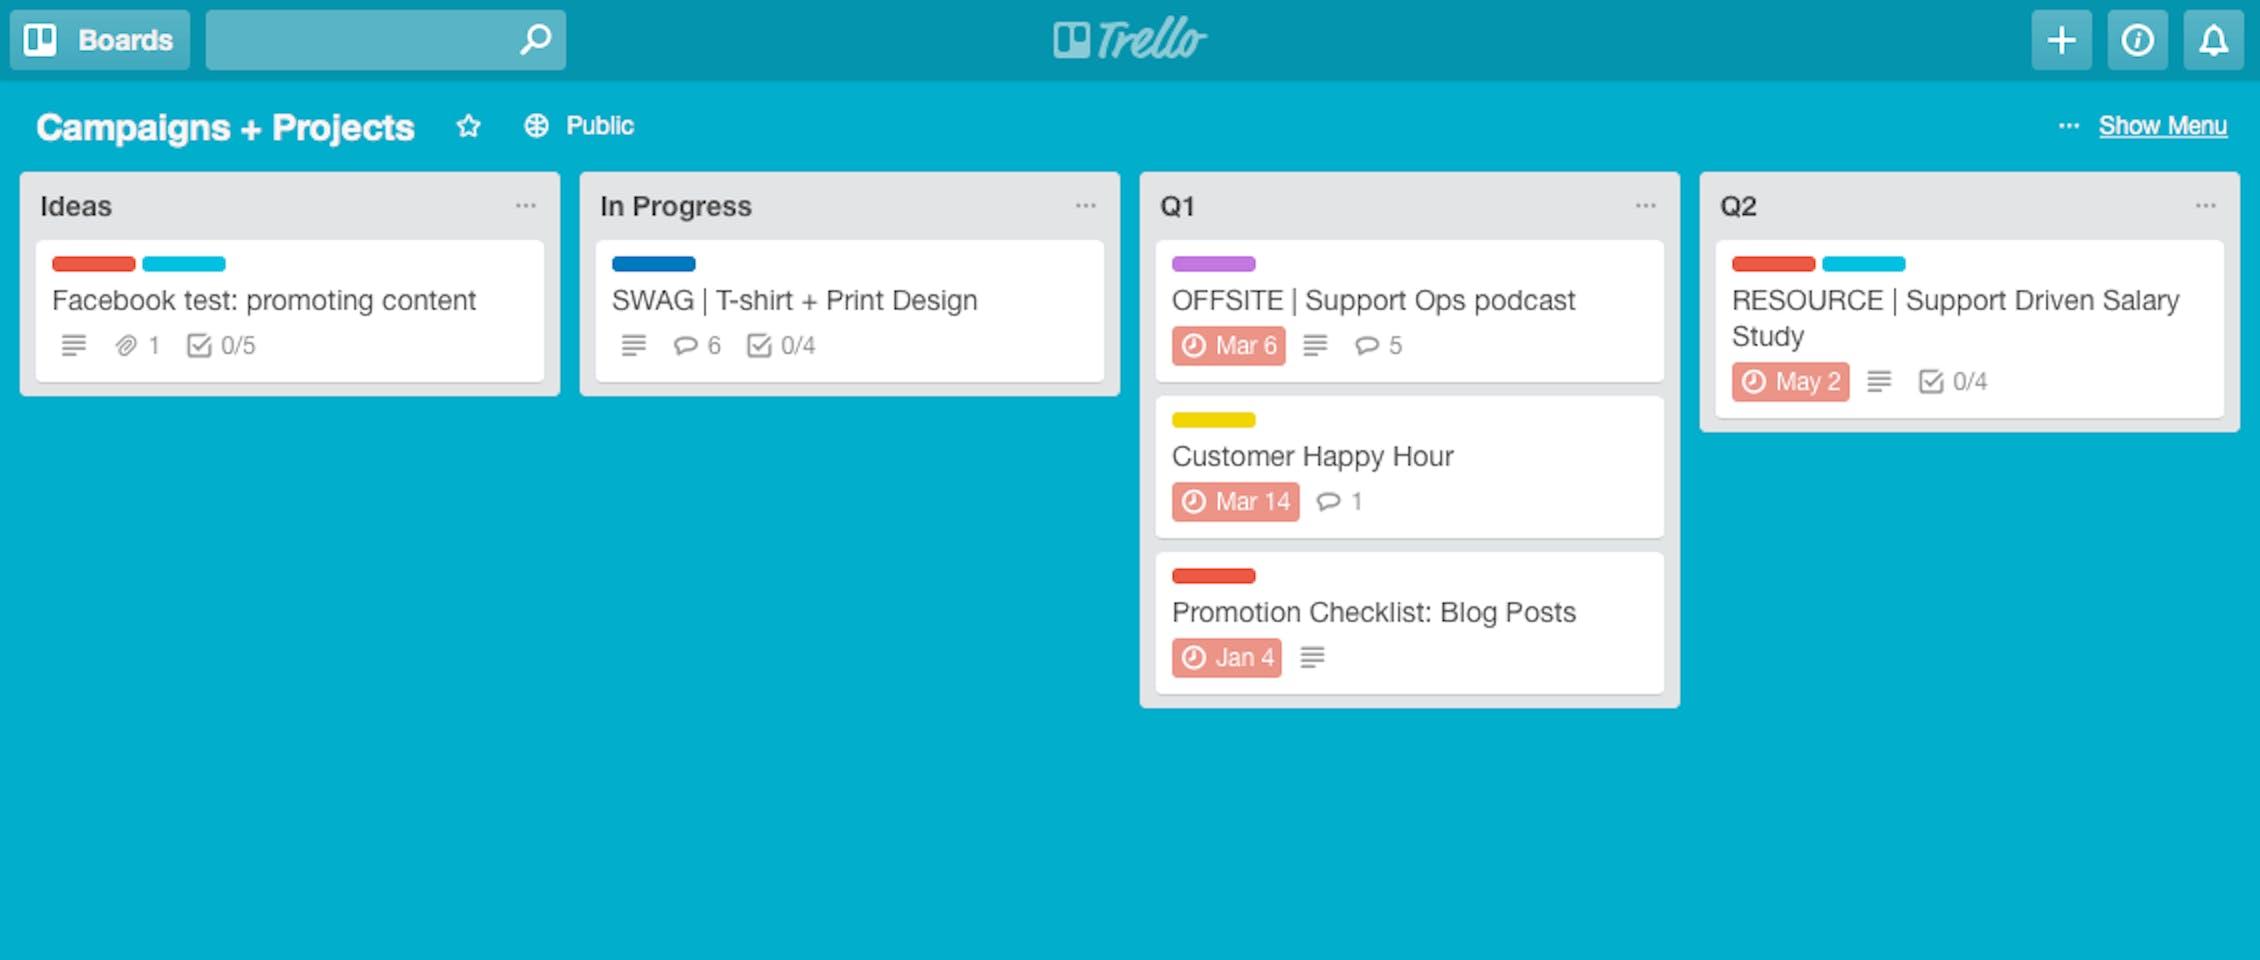 Trello Editorial projects board